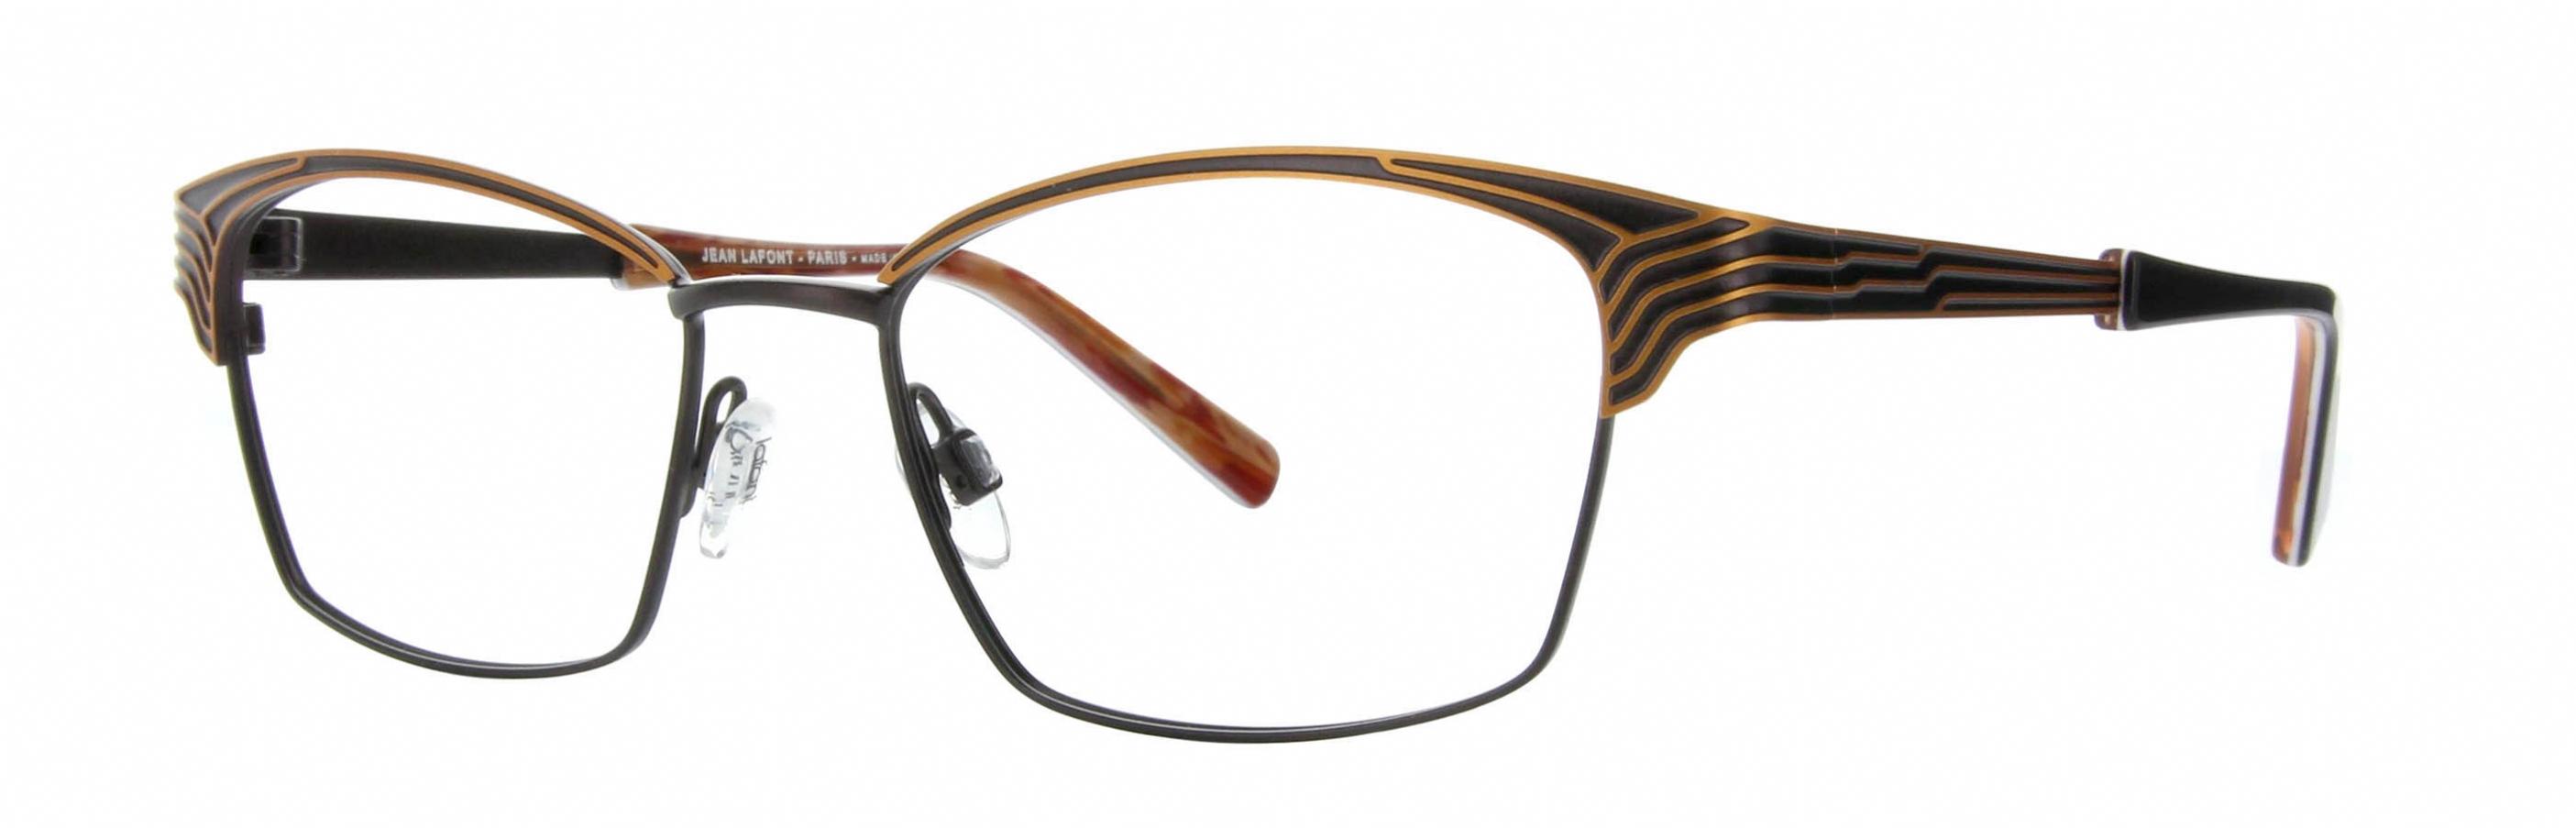 Jean lafont eyeglasses frames - Jean Lafont Eyeglasses Frames 76